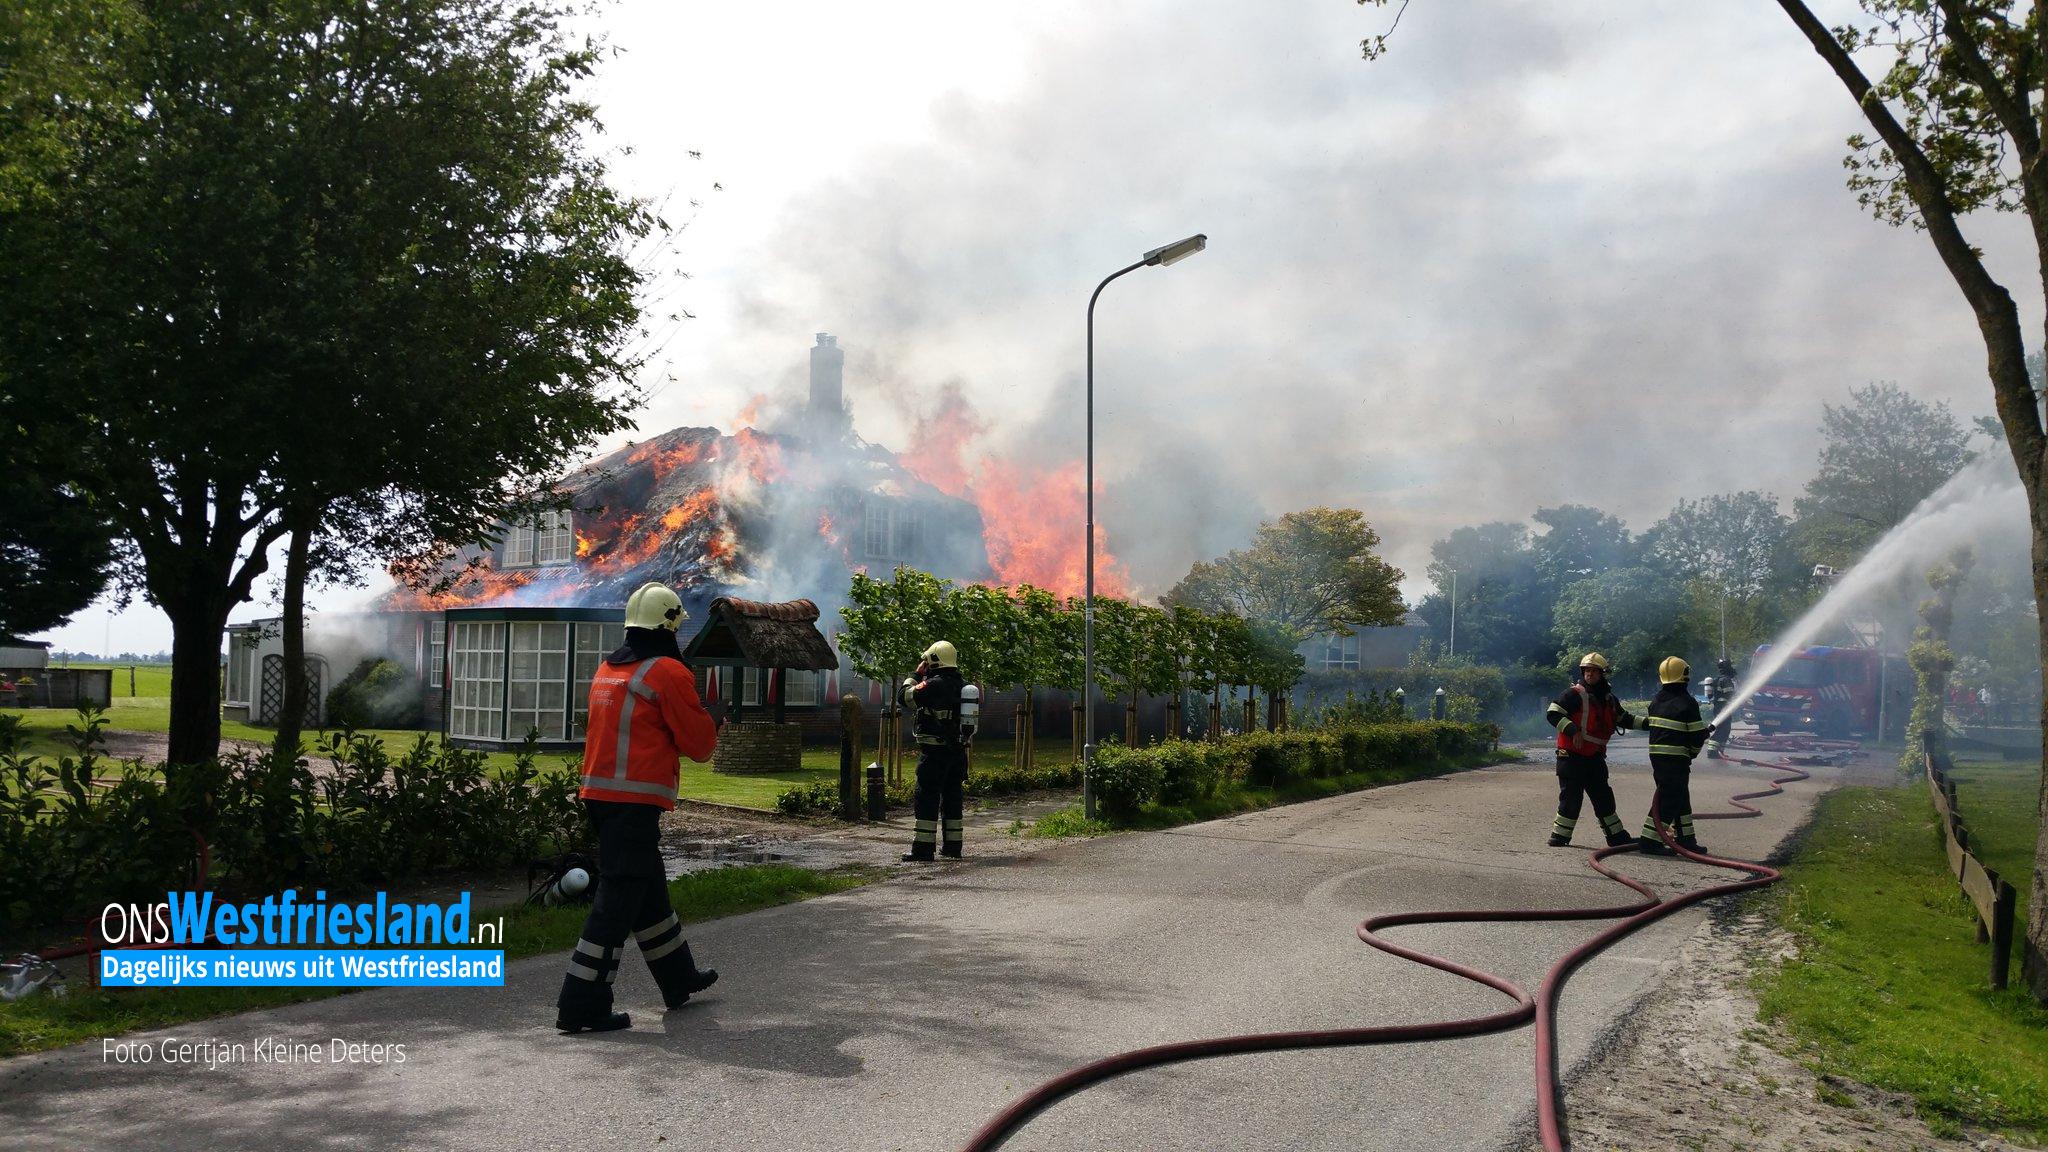 Grote uitslaande brand in woonboerderij in Sijbekarspel